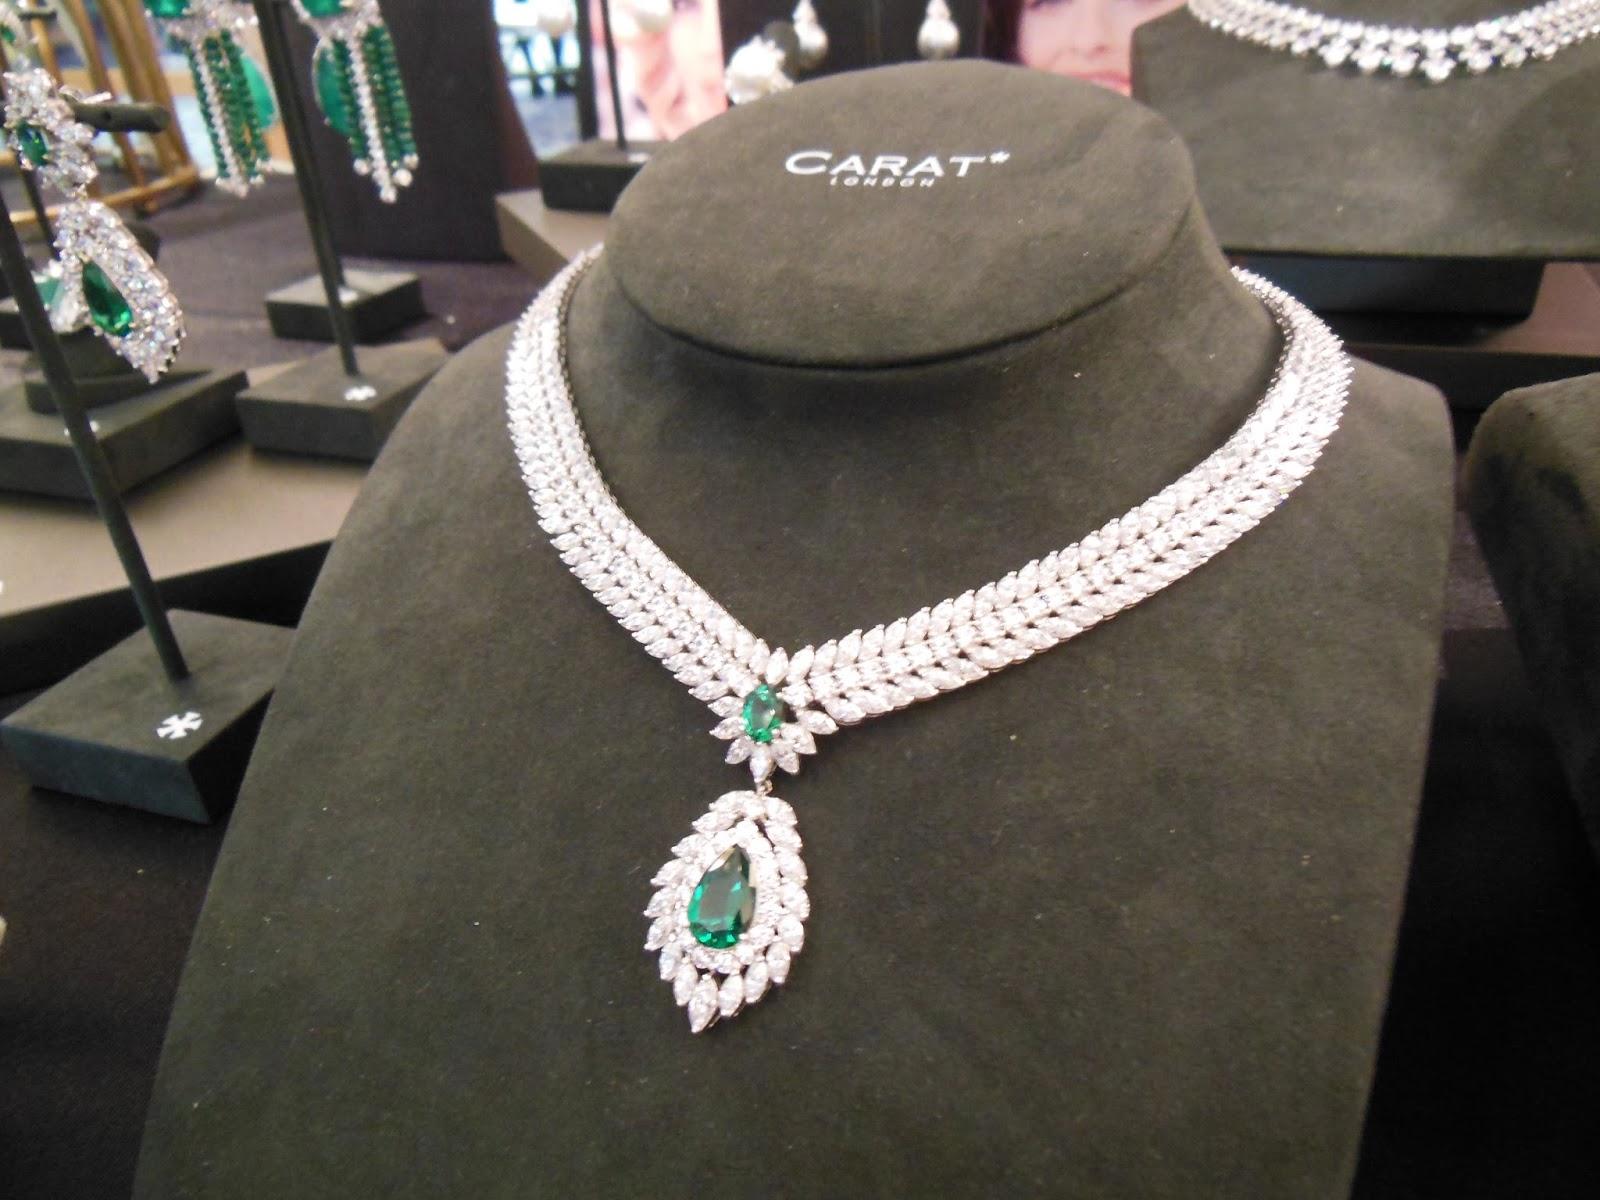 BAFTA jewellery from Carat London